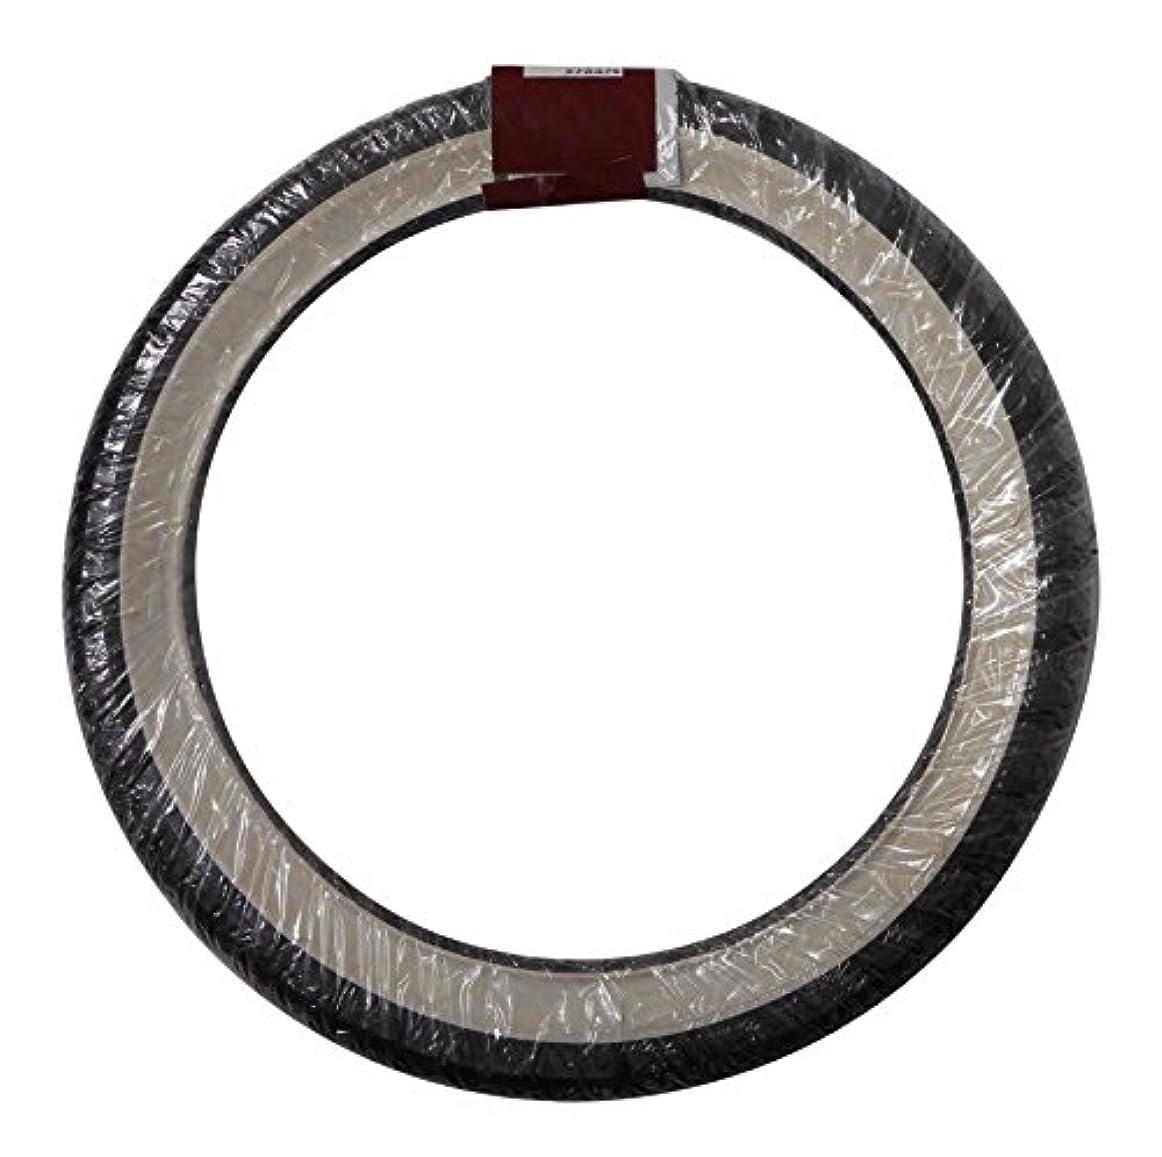 支配する法律番目自転車 タイヤ 白黒タイヤ 16×1.75(1.5HE) 14322